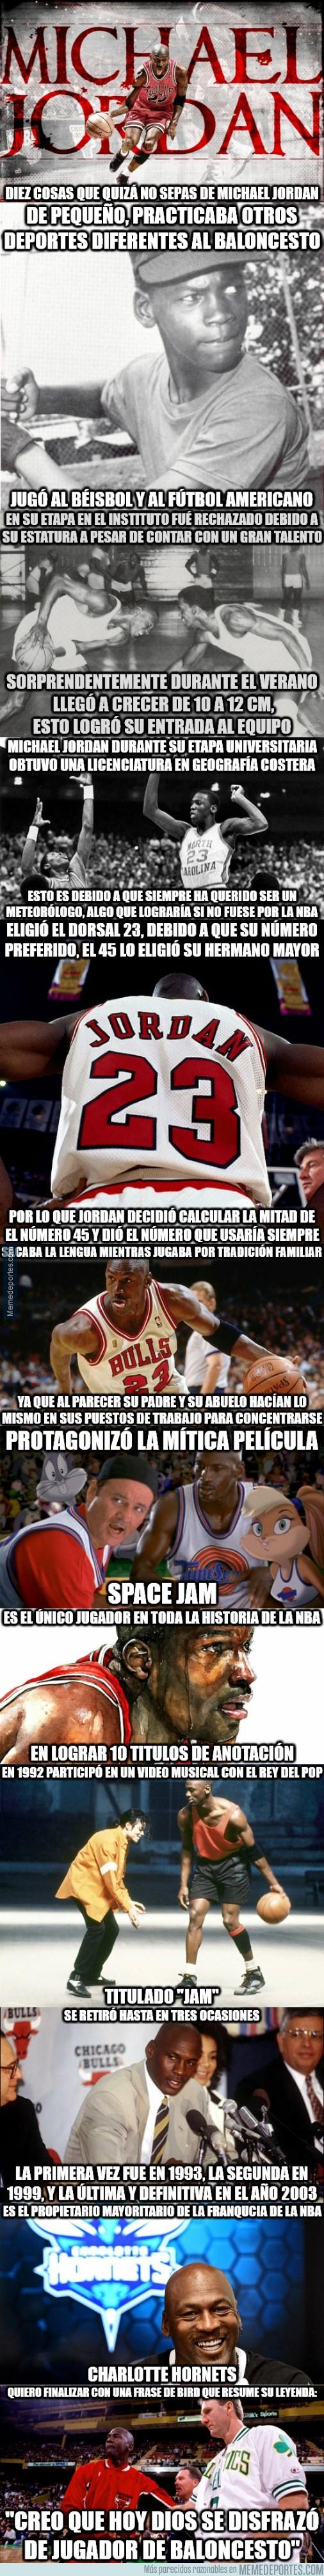 869088 - 10 cosas que quizá no sabías de Michael Jordan